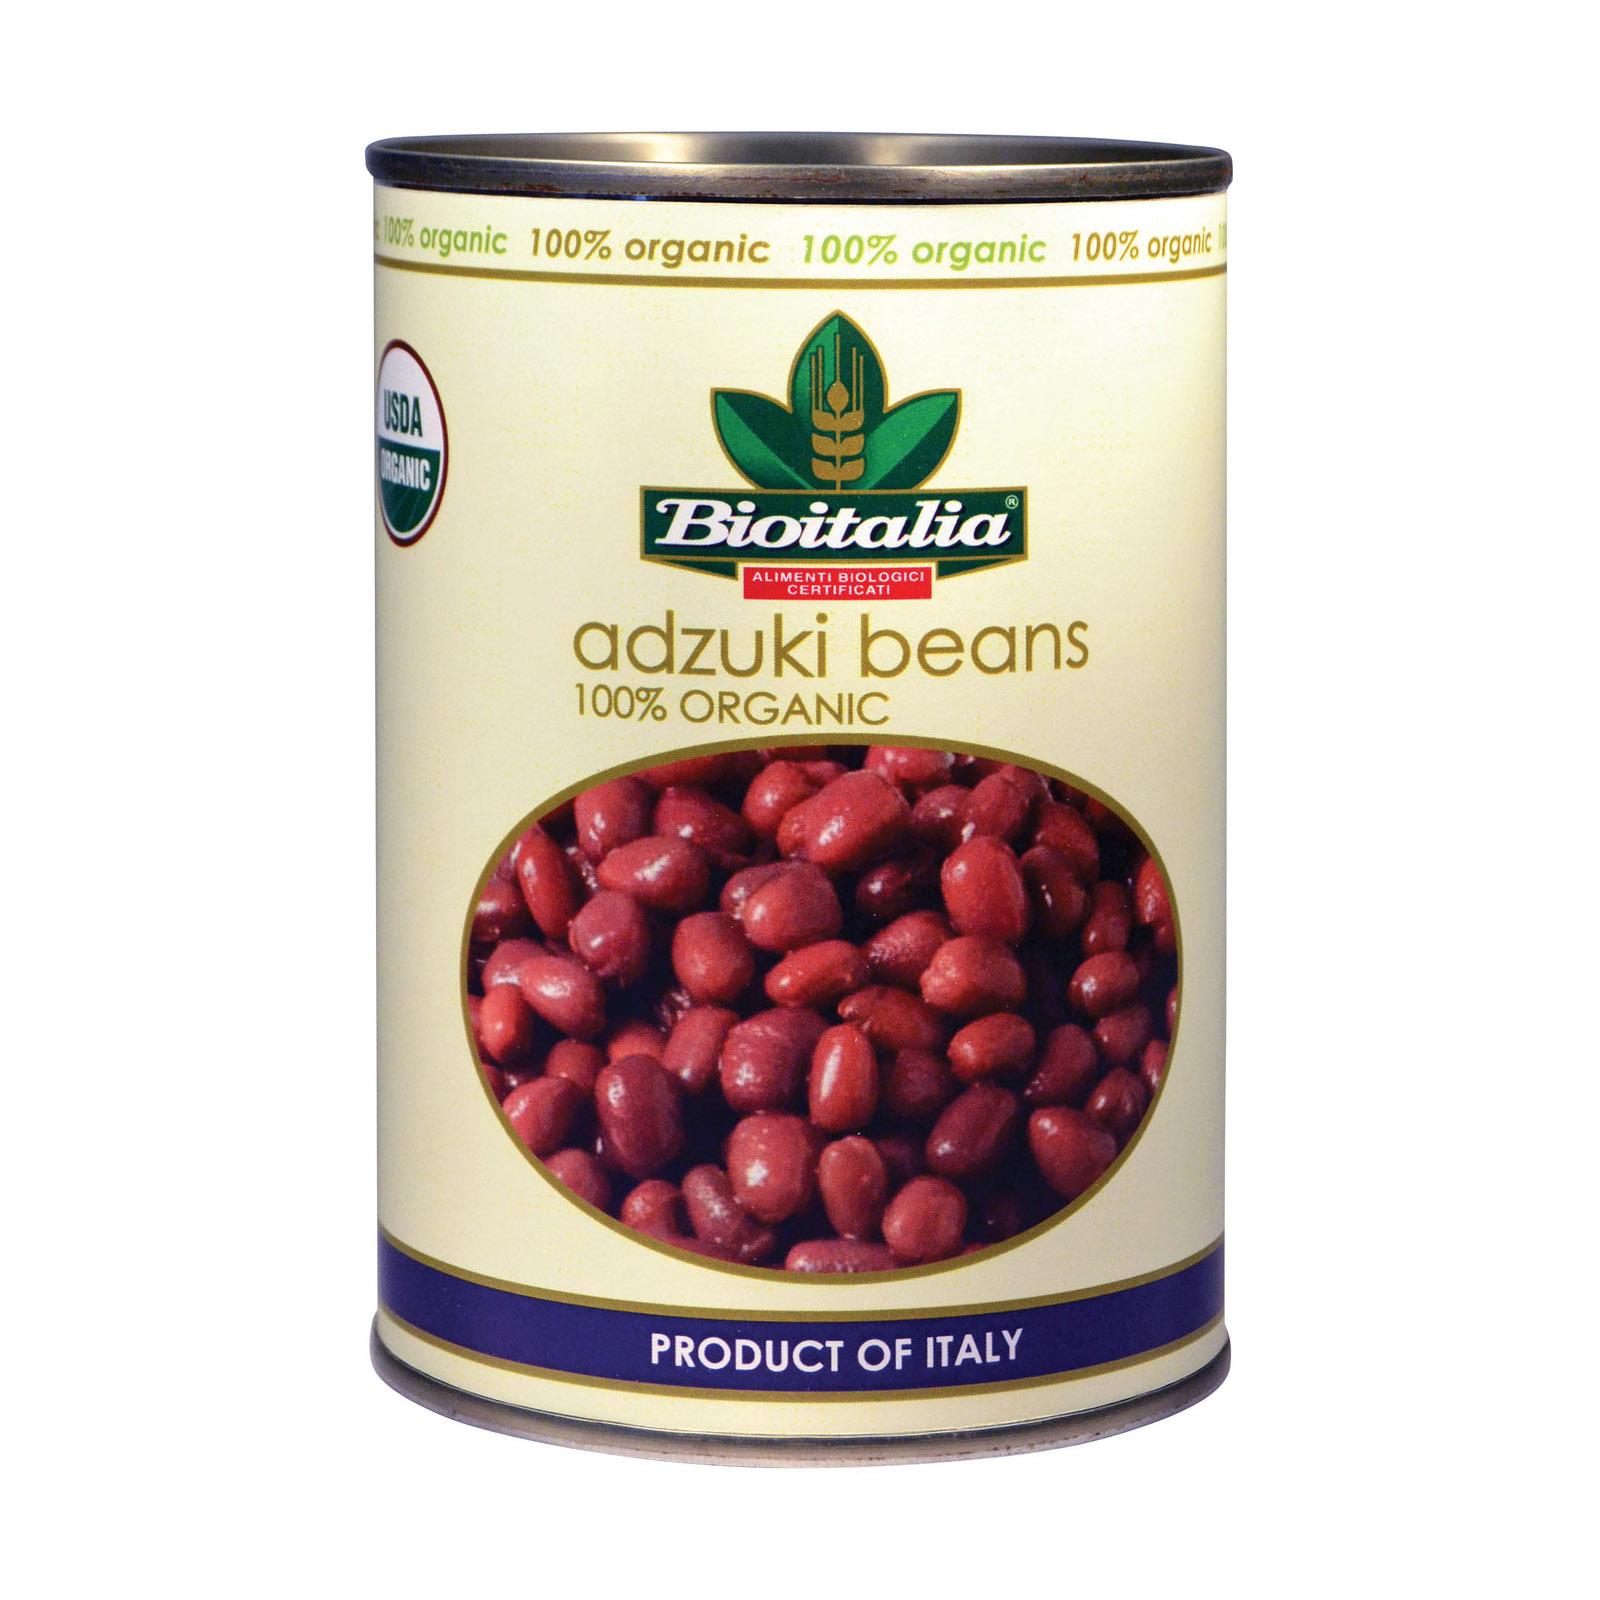 Bioitalia Beans - Adzuki Beans - Case of 12 - 14 oz.